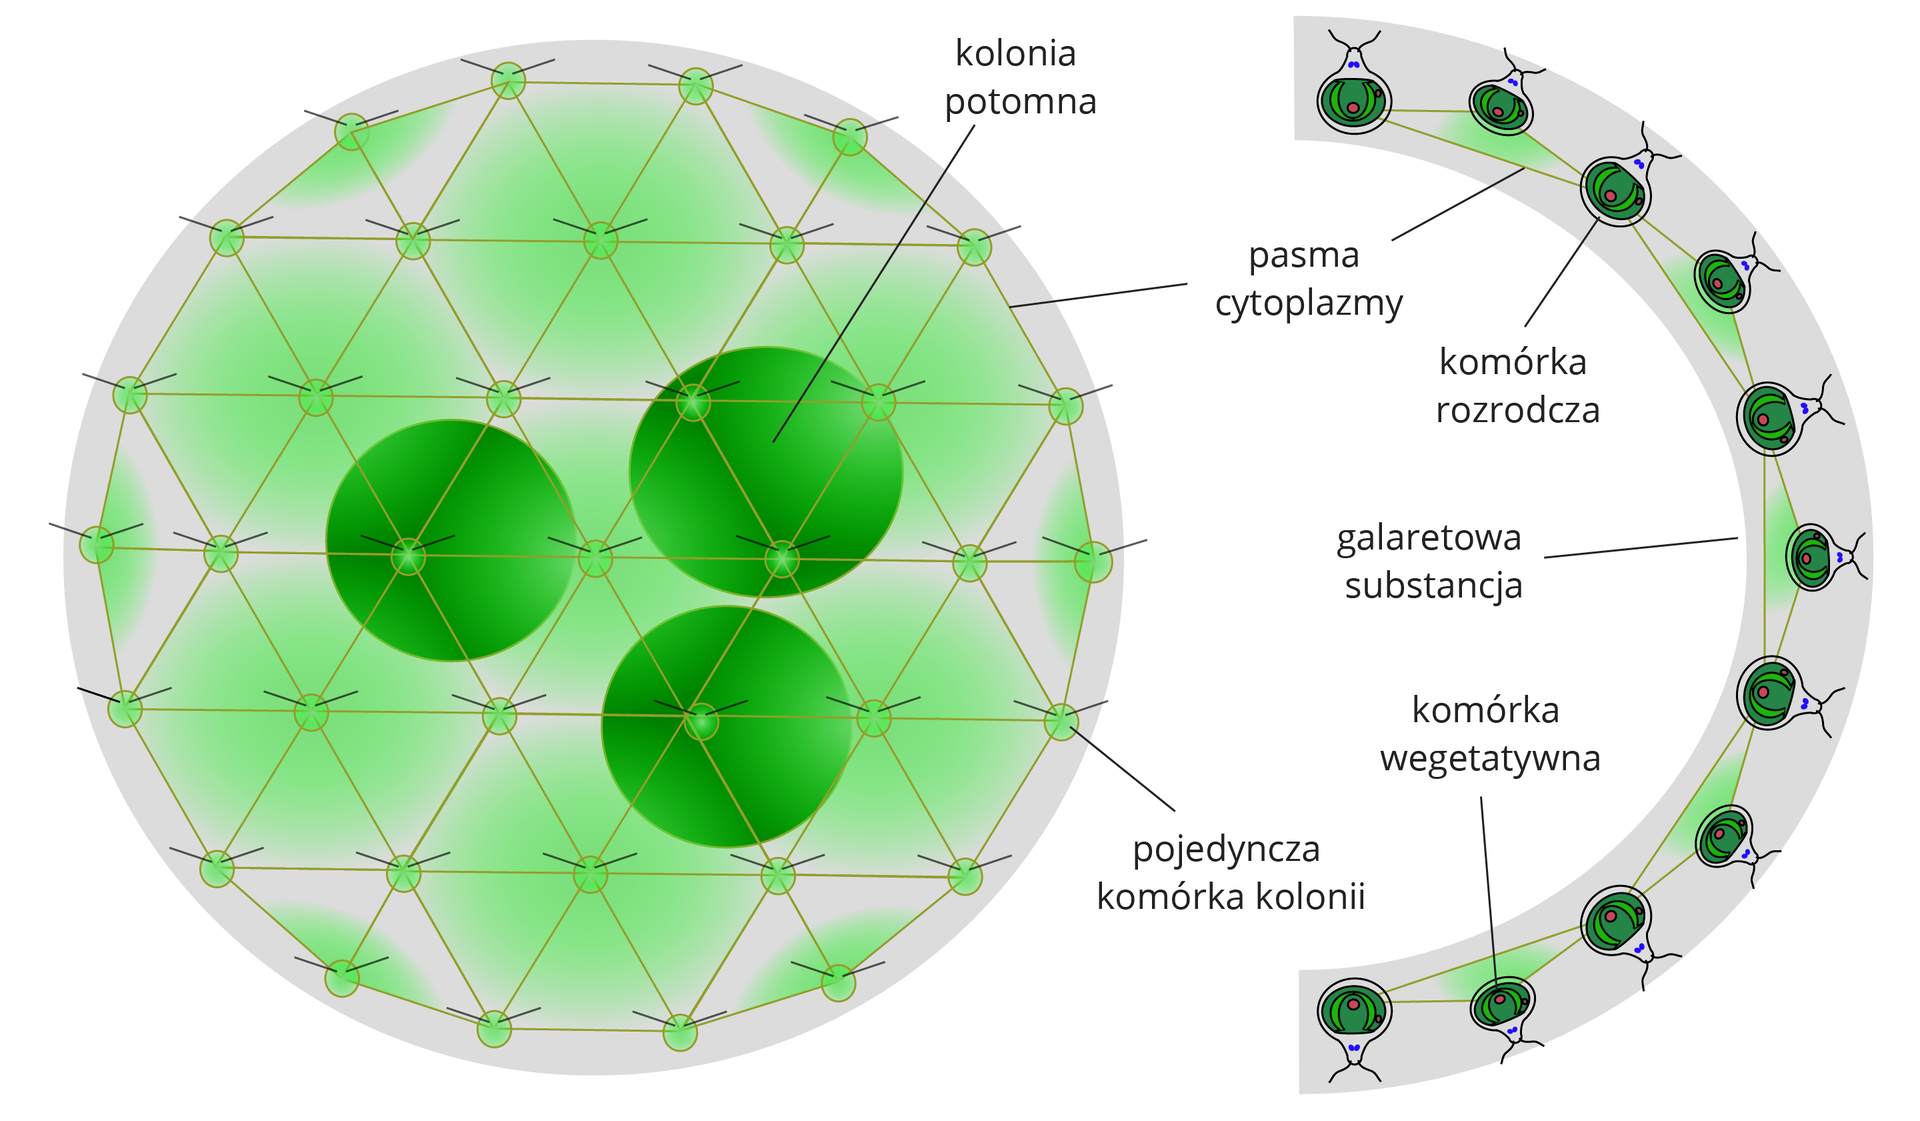 Ilustracja przedstawia schemat budowy kolonii toczka